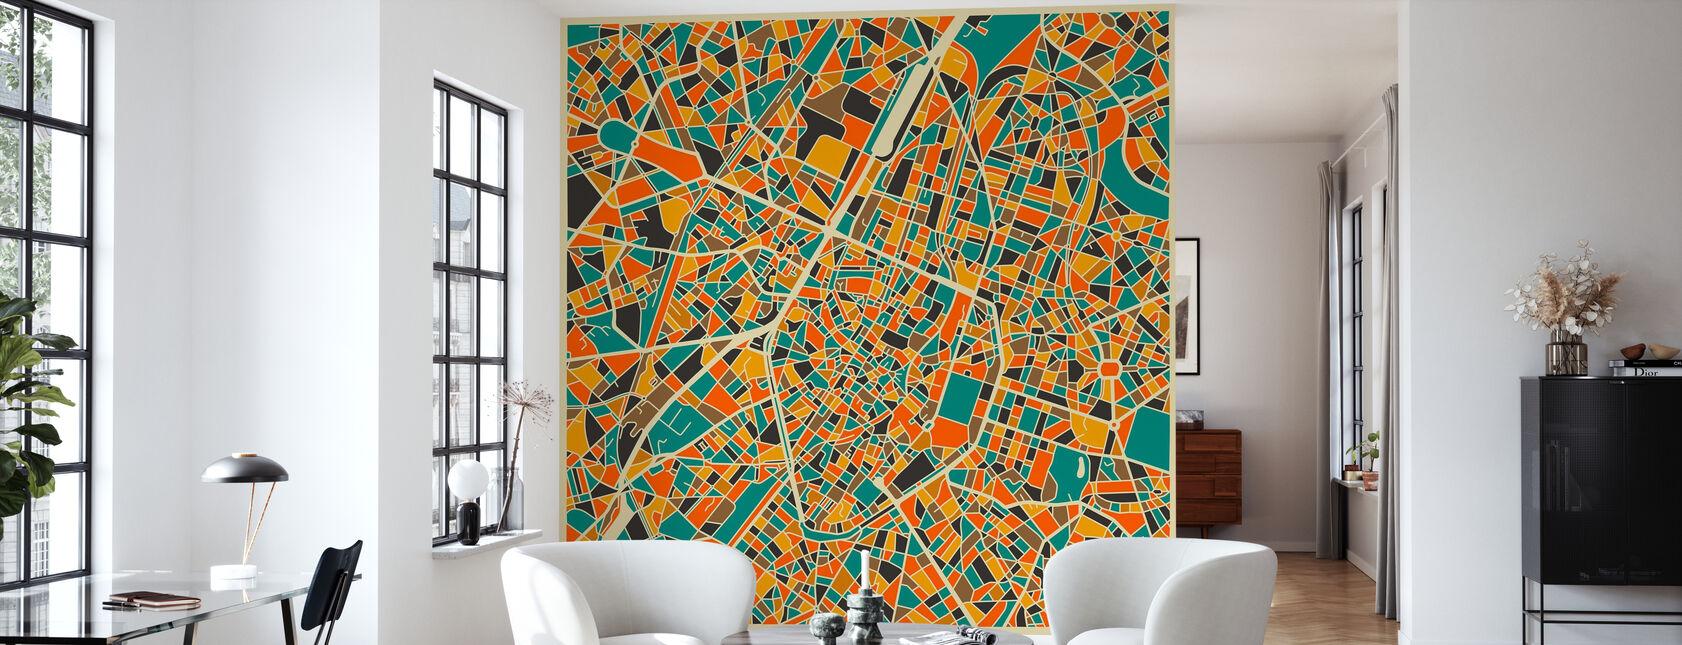 Multicolor Kaart - Brussel - Behang - Woonkamer